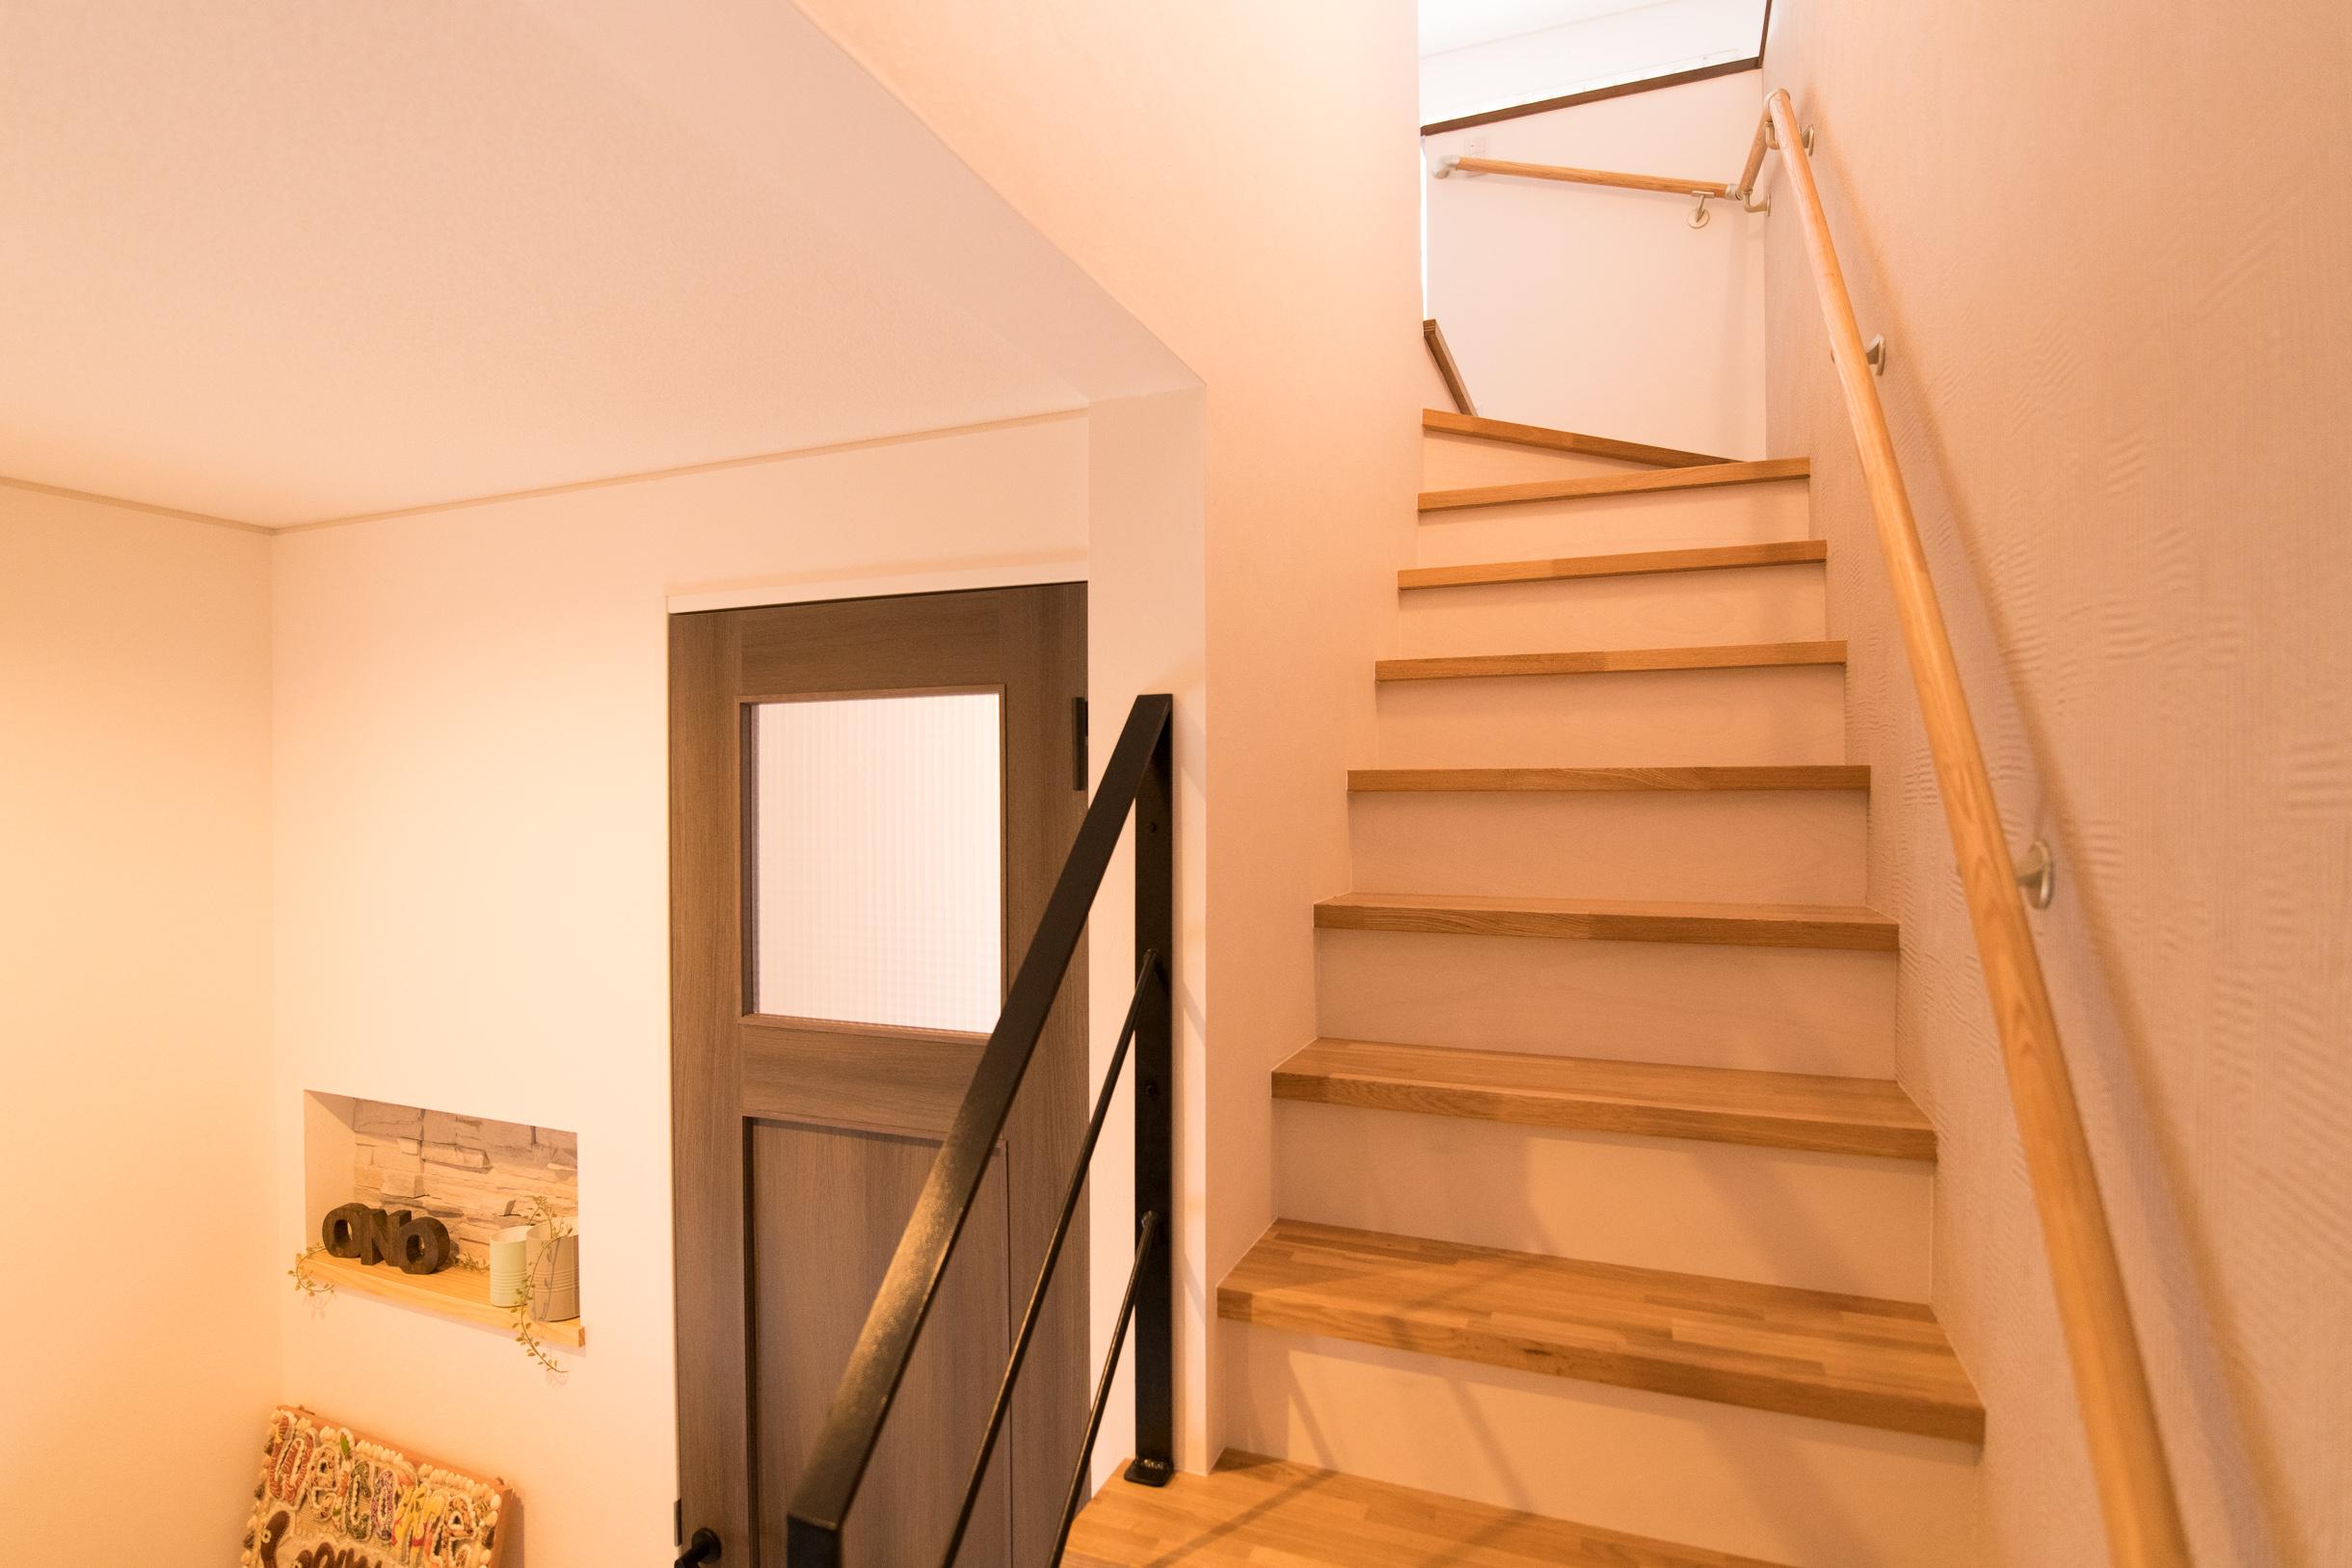 福山市の注文住宅|今井住建の施工事例ギャラリー「アイアンの手すりがアクセントに」